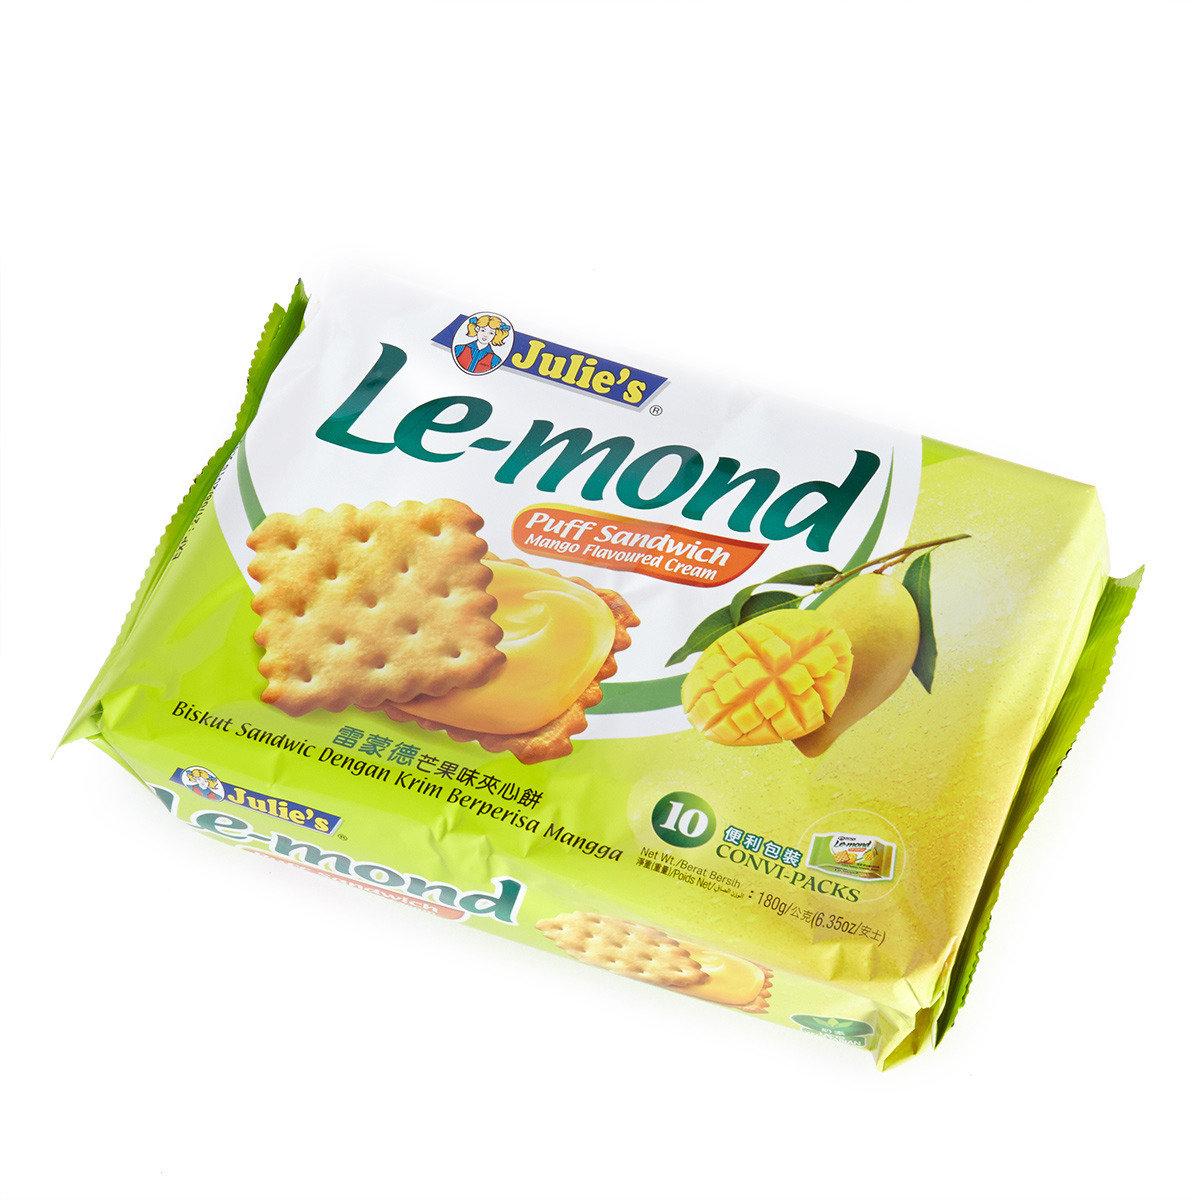 雷蒙德芒果味夾心餅